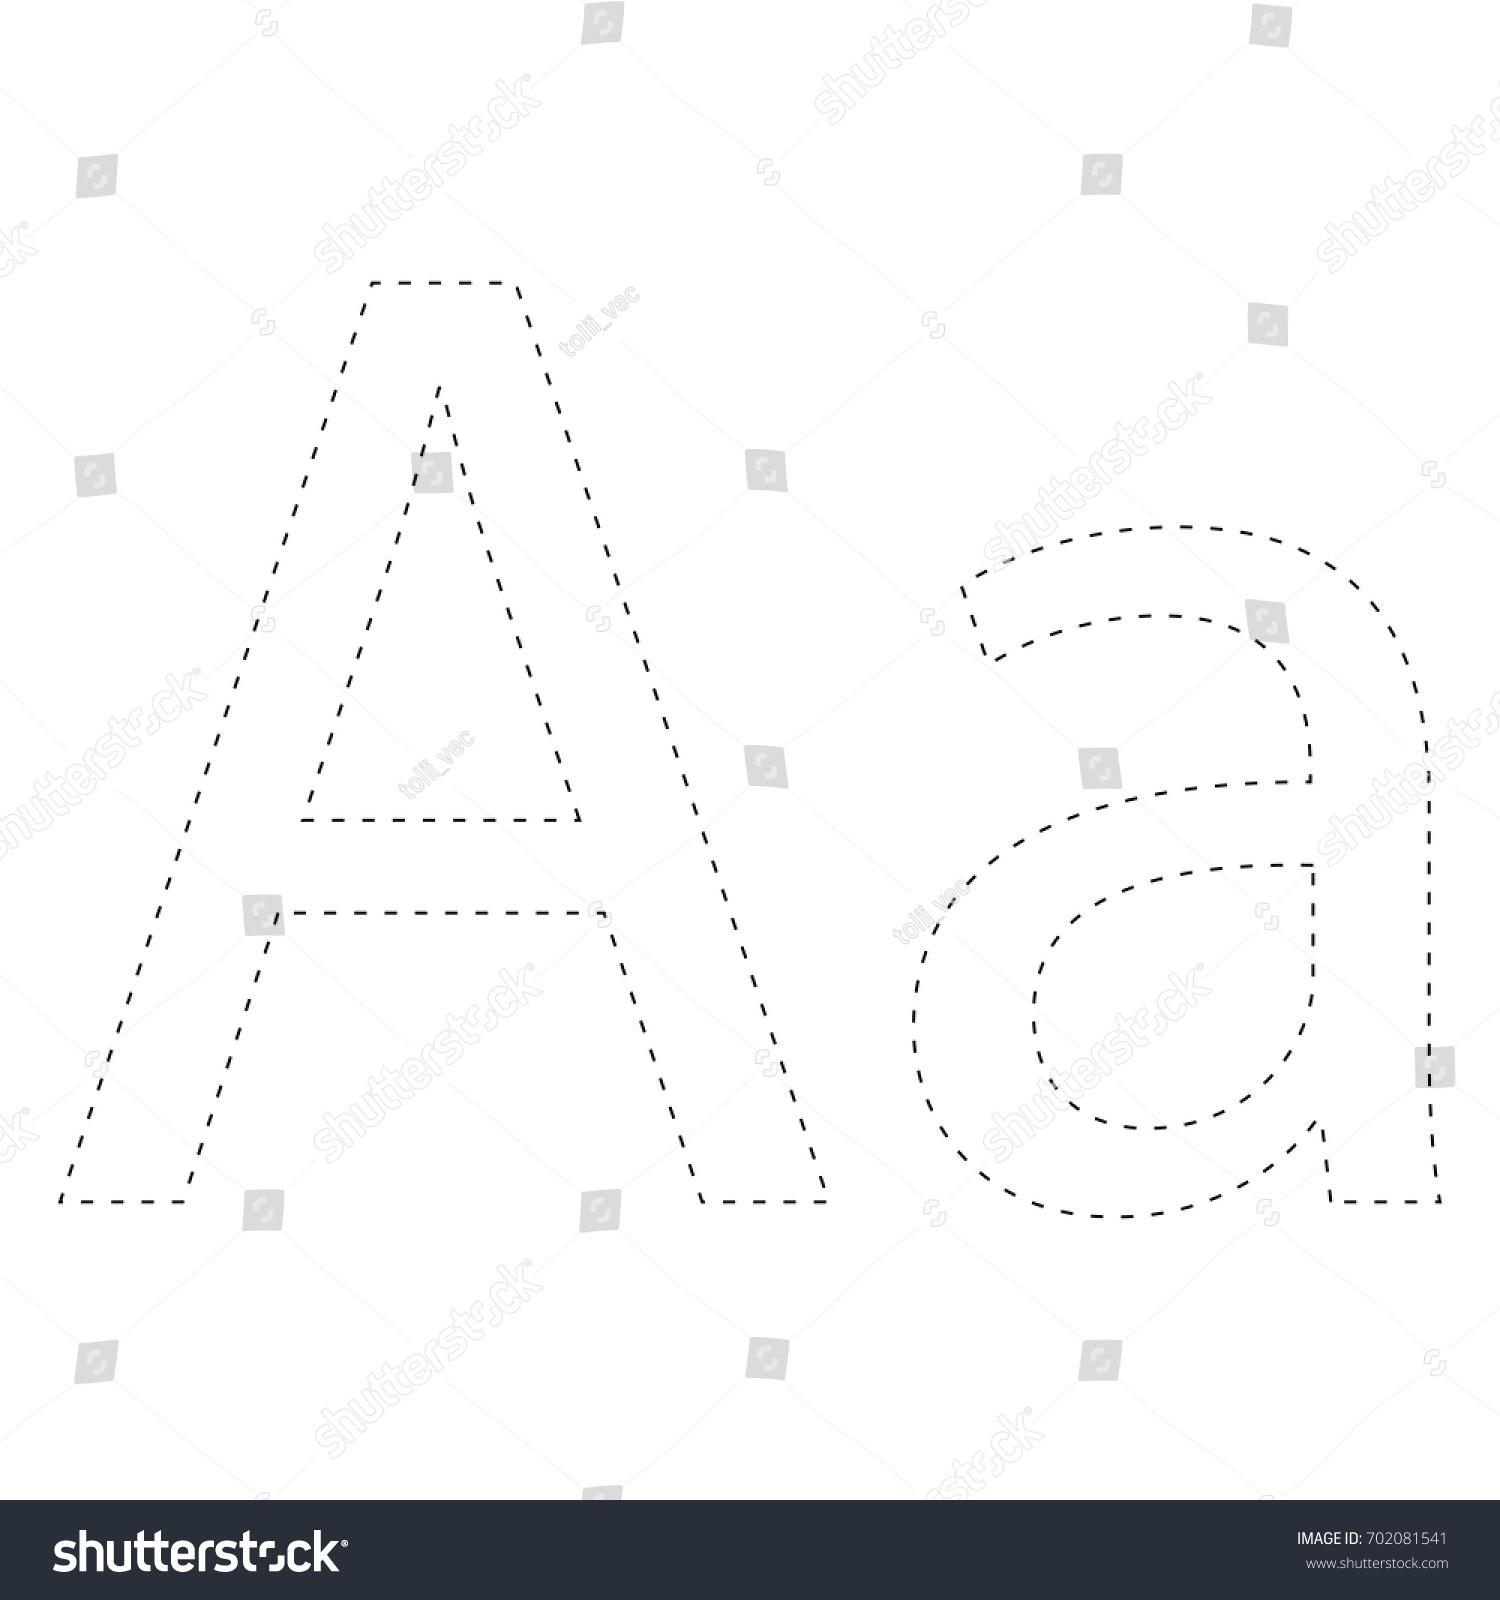 learning alphabet letter worksheet learning alphabet stock vector